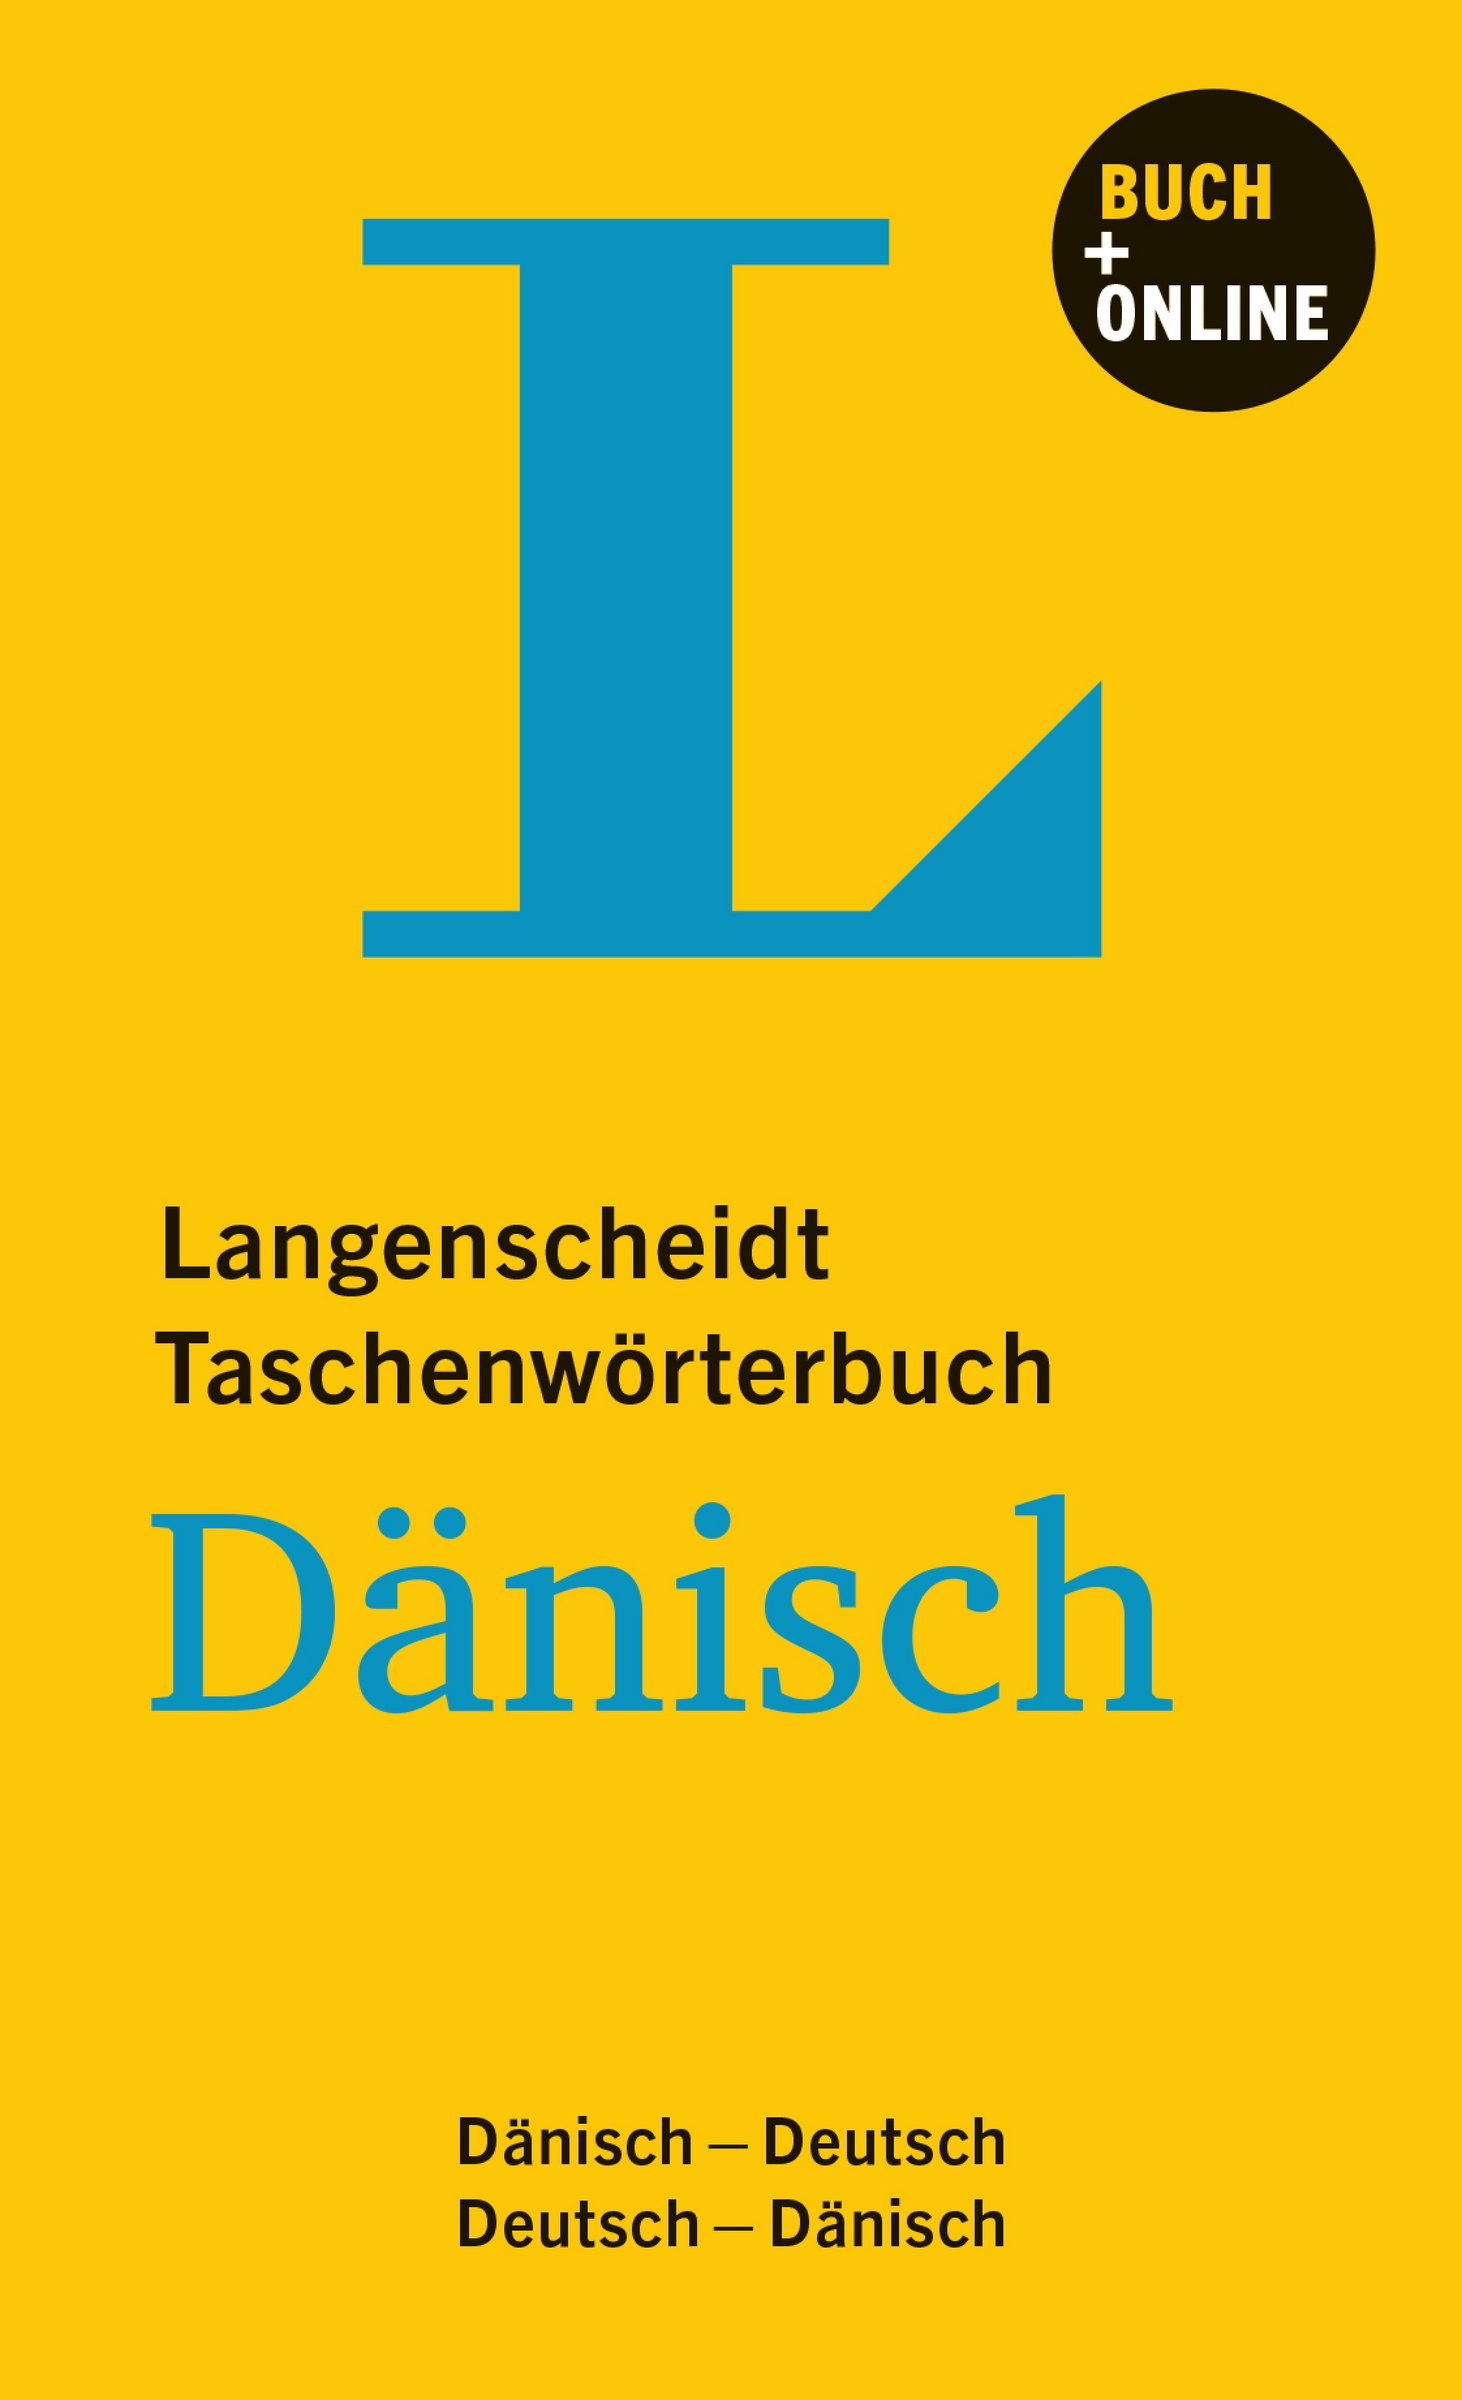 Langenscheidt Taschenwörterbuch Dänisch   Buch Mit Online Anbindung  Dänisch Deutsch Deutsch Dänisch  Langenscheidt Taschenwörterbücher